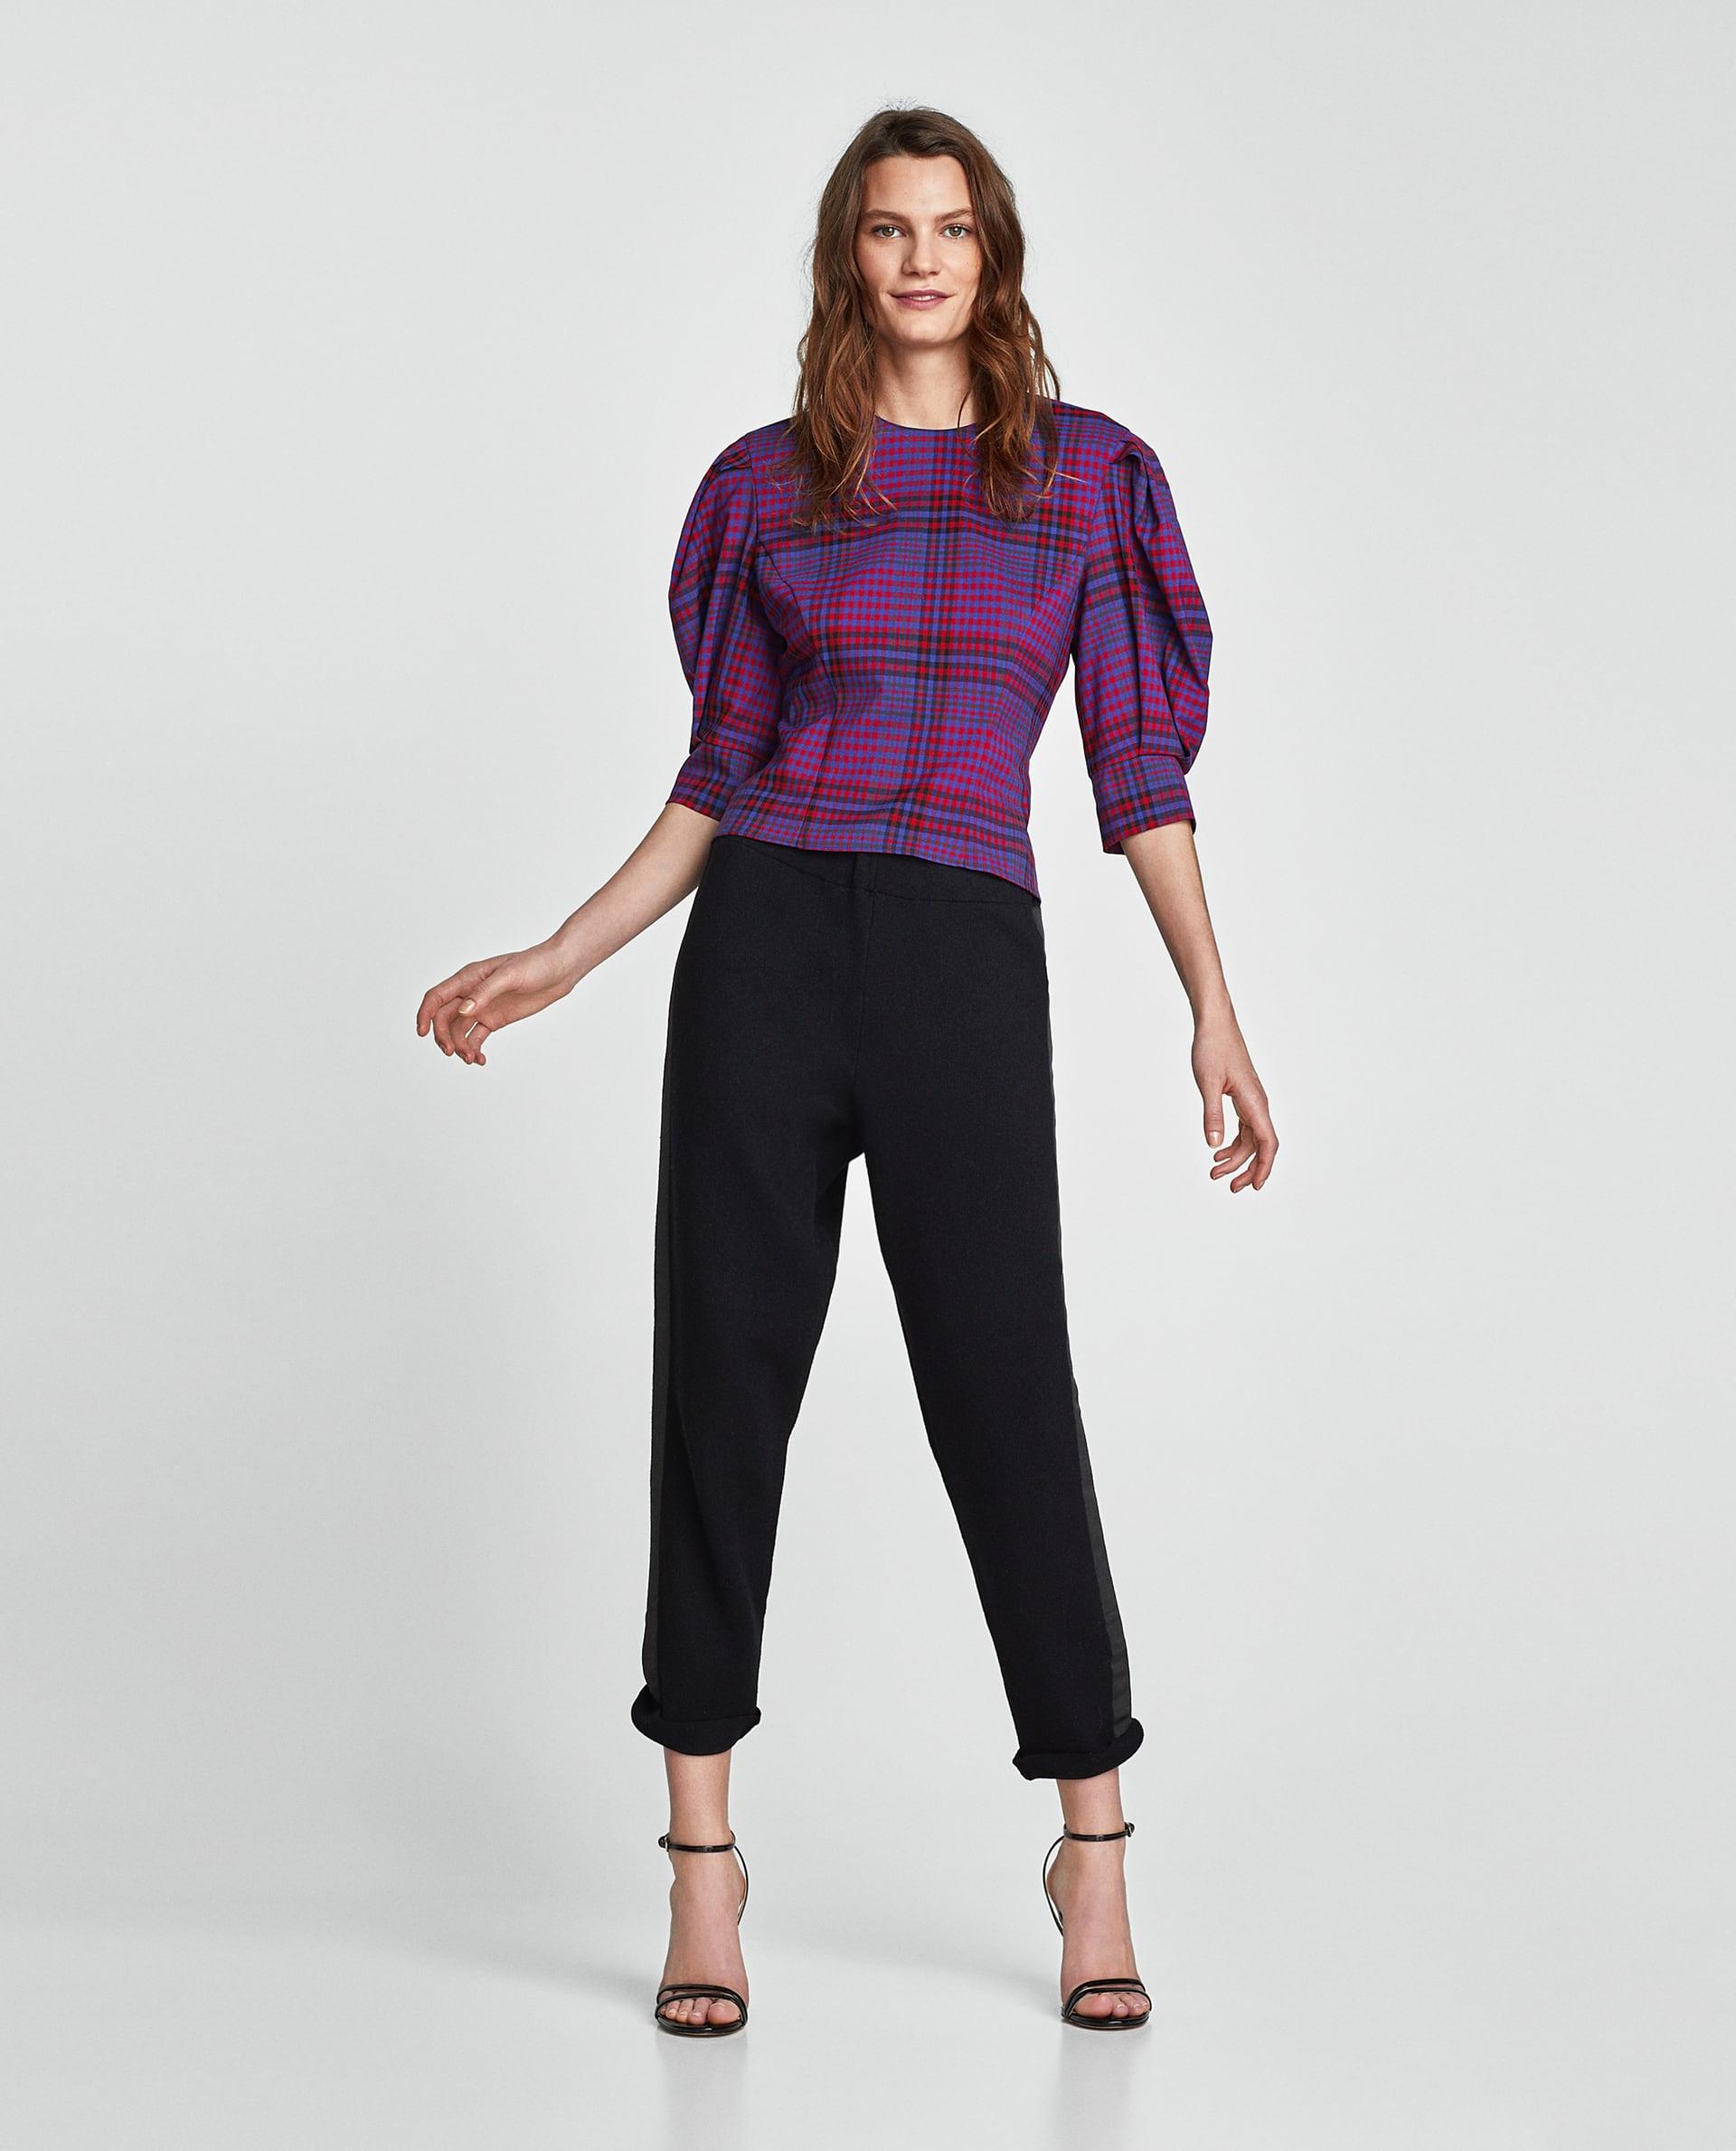 Pantaloni neri alla caviglia Zara collezione primavera estate 2018